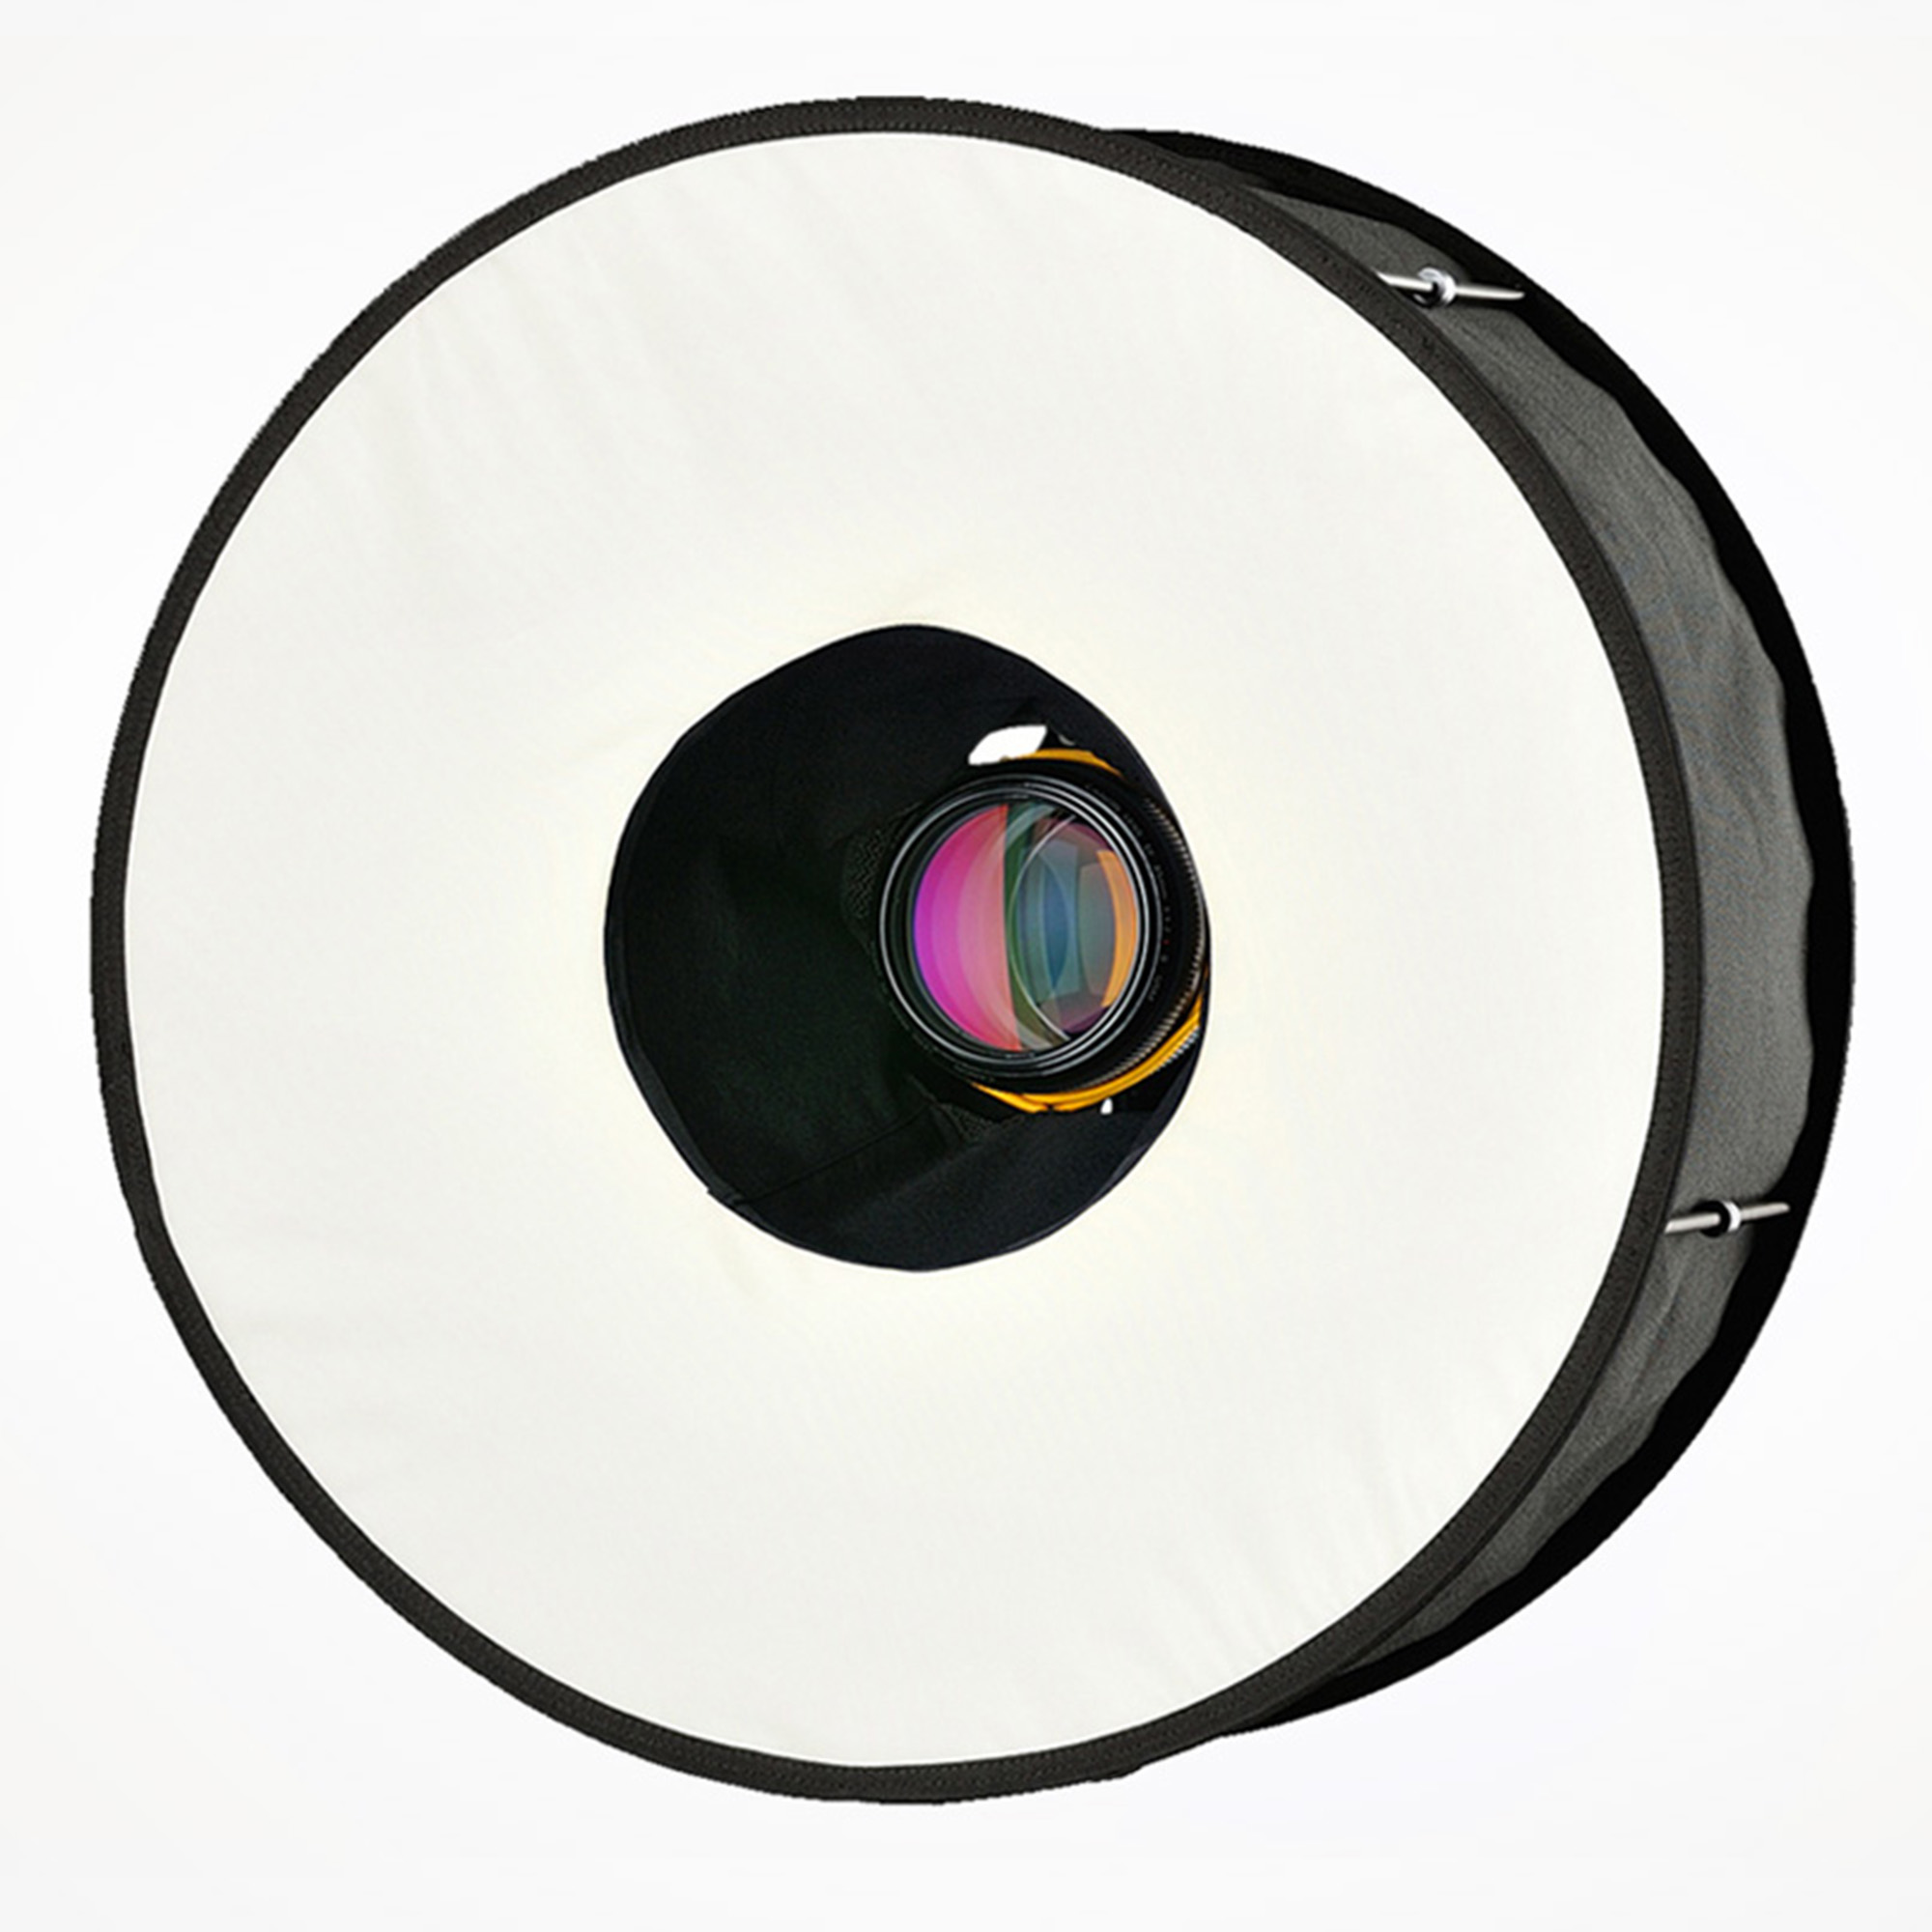 Die Kamera mit angesetztem Roundflash